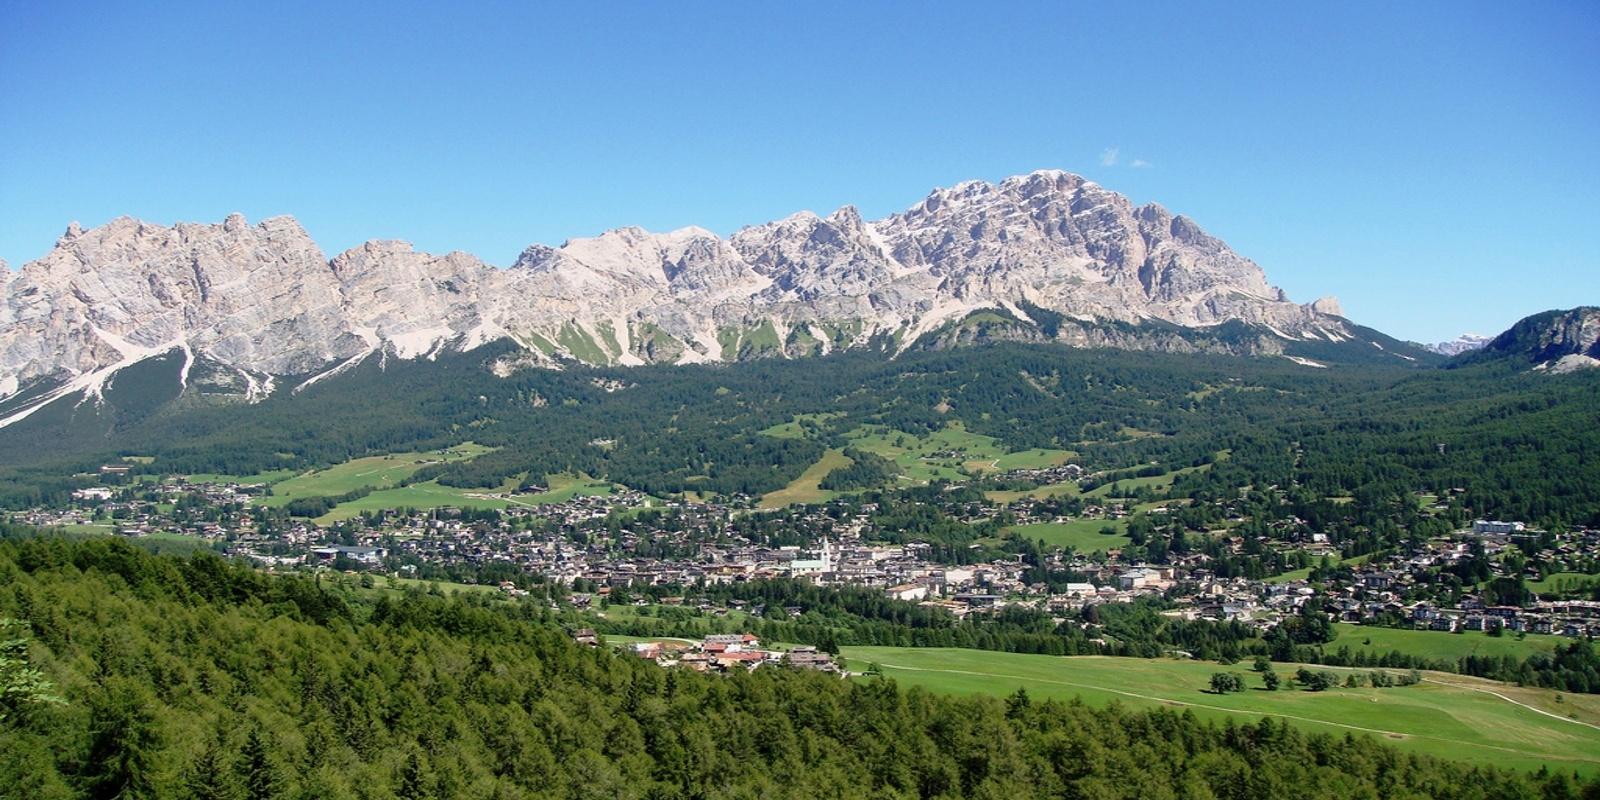 Mare montagna e collina i 6 parchi naturali protetti del